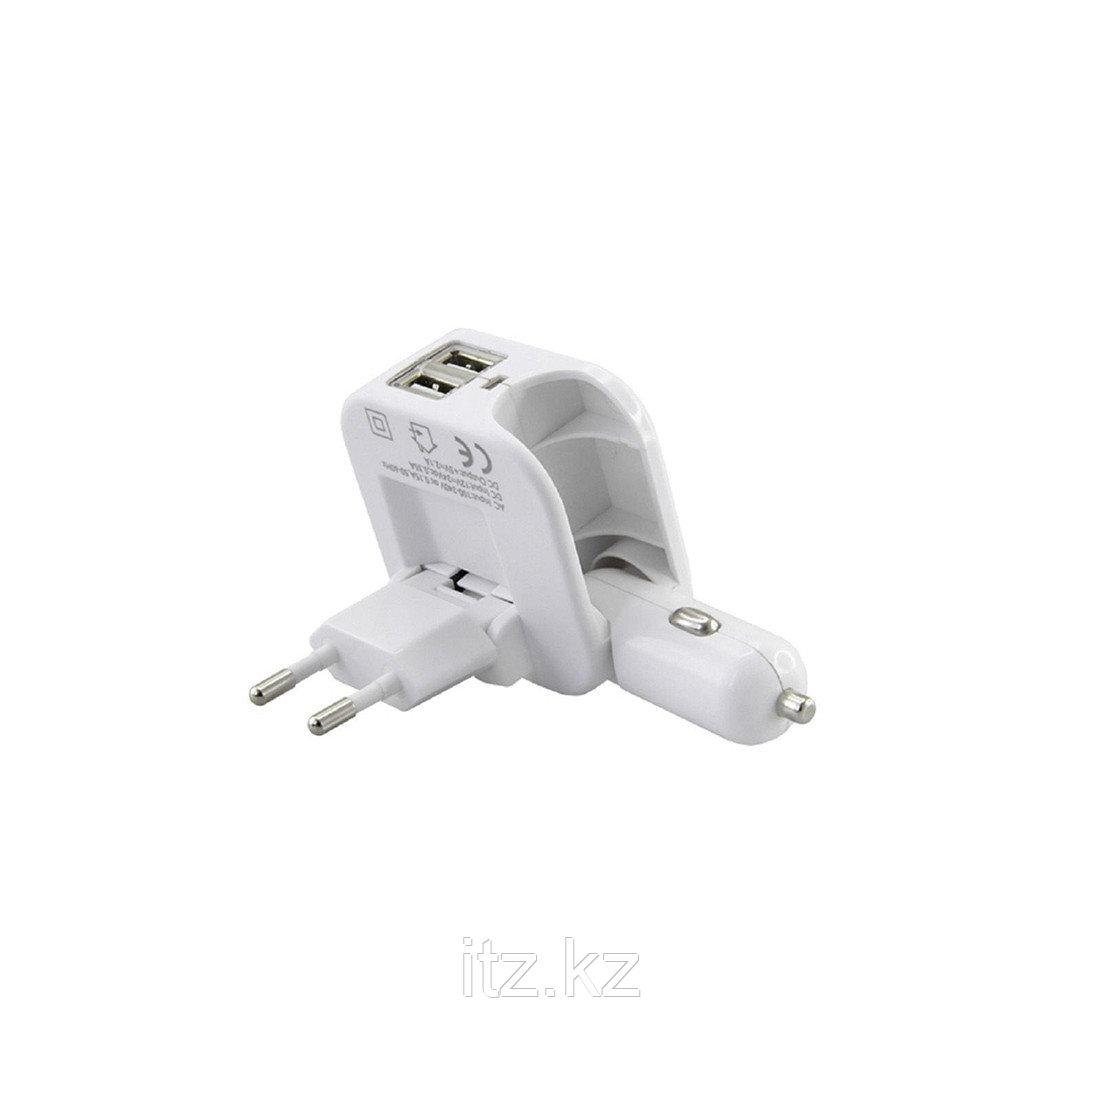 Зарядное устройство 2 в 1 Neoline Volter K2 Combo